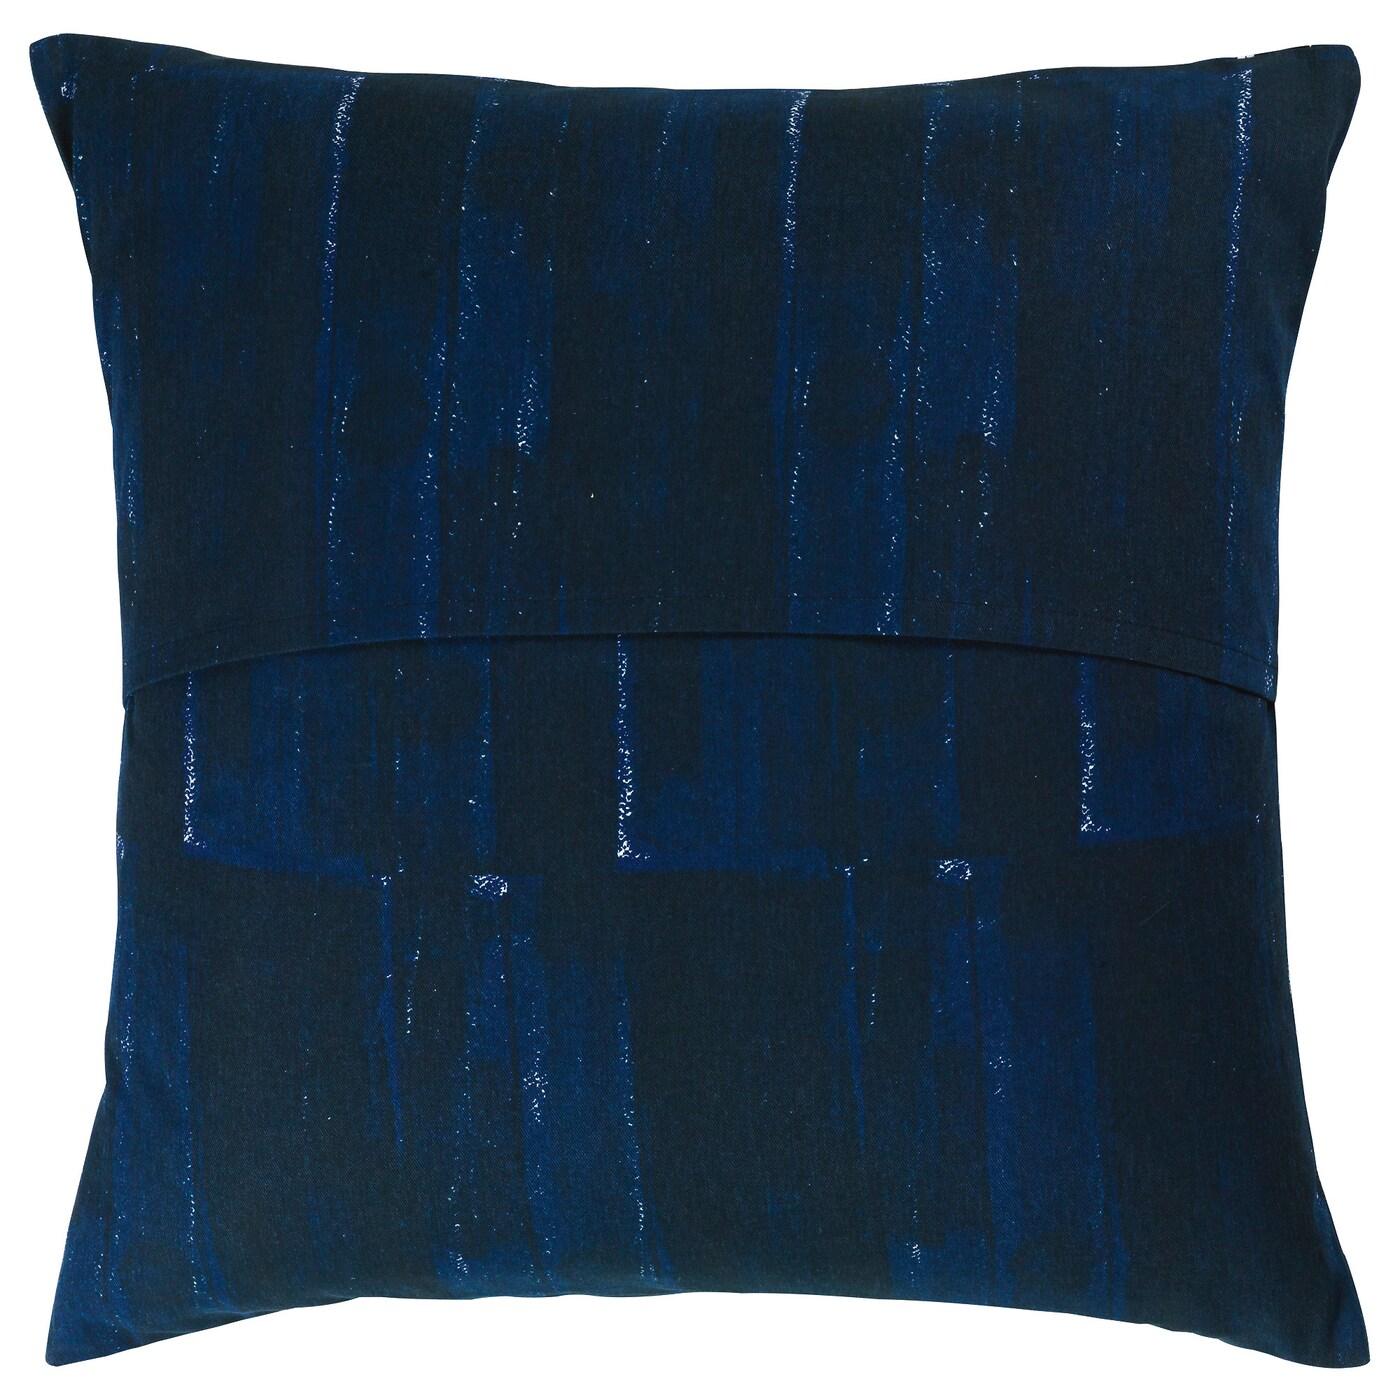 Inneh llsrik housse de coussin fait main bleu 50x50 cm ikea - Housse de coussins 50x50 ...